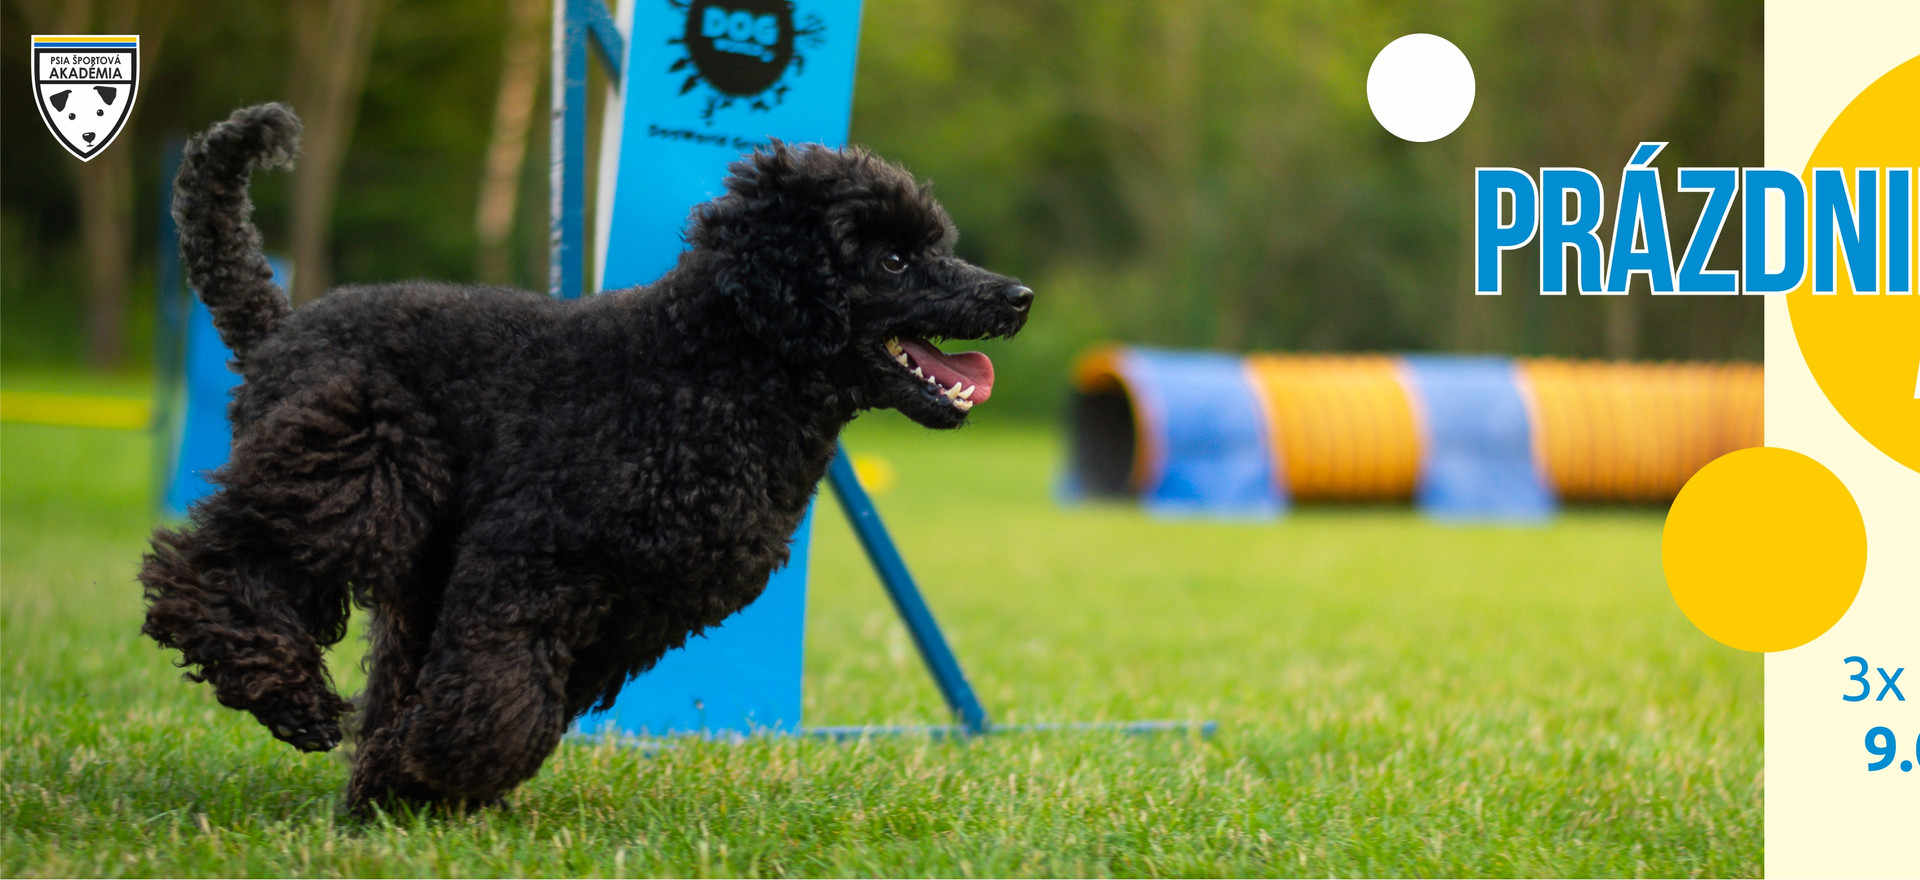 """🥳Pripravili sme pre vás letnú akciu doobedných tréningov 🥳  Tréningy su vhodné pre každého, tímom sa venujeme individuálne, pracujeme na tom, čo práve potrebujete - jednotlivé prekážky (slalom, zóny,...), handling, či pomôžeme zlepšiť drive psíkov na prekážkach. 🐾🐾🐾  Na tréningy sa môžte prihlásiť cez dogres na tréningy s názvom """"Prázdniny"""" a do poznámky prosíme napísať vašu úroveň a prípadne to, na čom by ste chceli na tréningu popracovať.  Pomôže nám to vopred si nachystať tréning priamo pre vás a vášho psíka.  Cena jedného 2h tréningu je 10€, ak si predplatíte tréningy na celé leto (10 tréningov) máte jeden tréning gratis 😎  Tréningy začínajú o 9,00 ( prípadne po dohode aj skôr) a po tréningu sa stihnete osviežiť v neďalekom Bukovci 👙(10 min autom) ešte pred návalom ľudí  🏖  Začíname od 13.07. a akcia trvá celé prázdniny!   V prípade záujmu hlavne začiatočníkov, je možné otvoriť aj ďalší doobedný začiatočnícky kurz."""